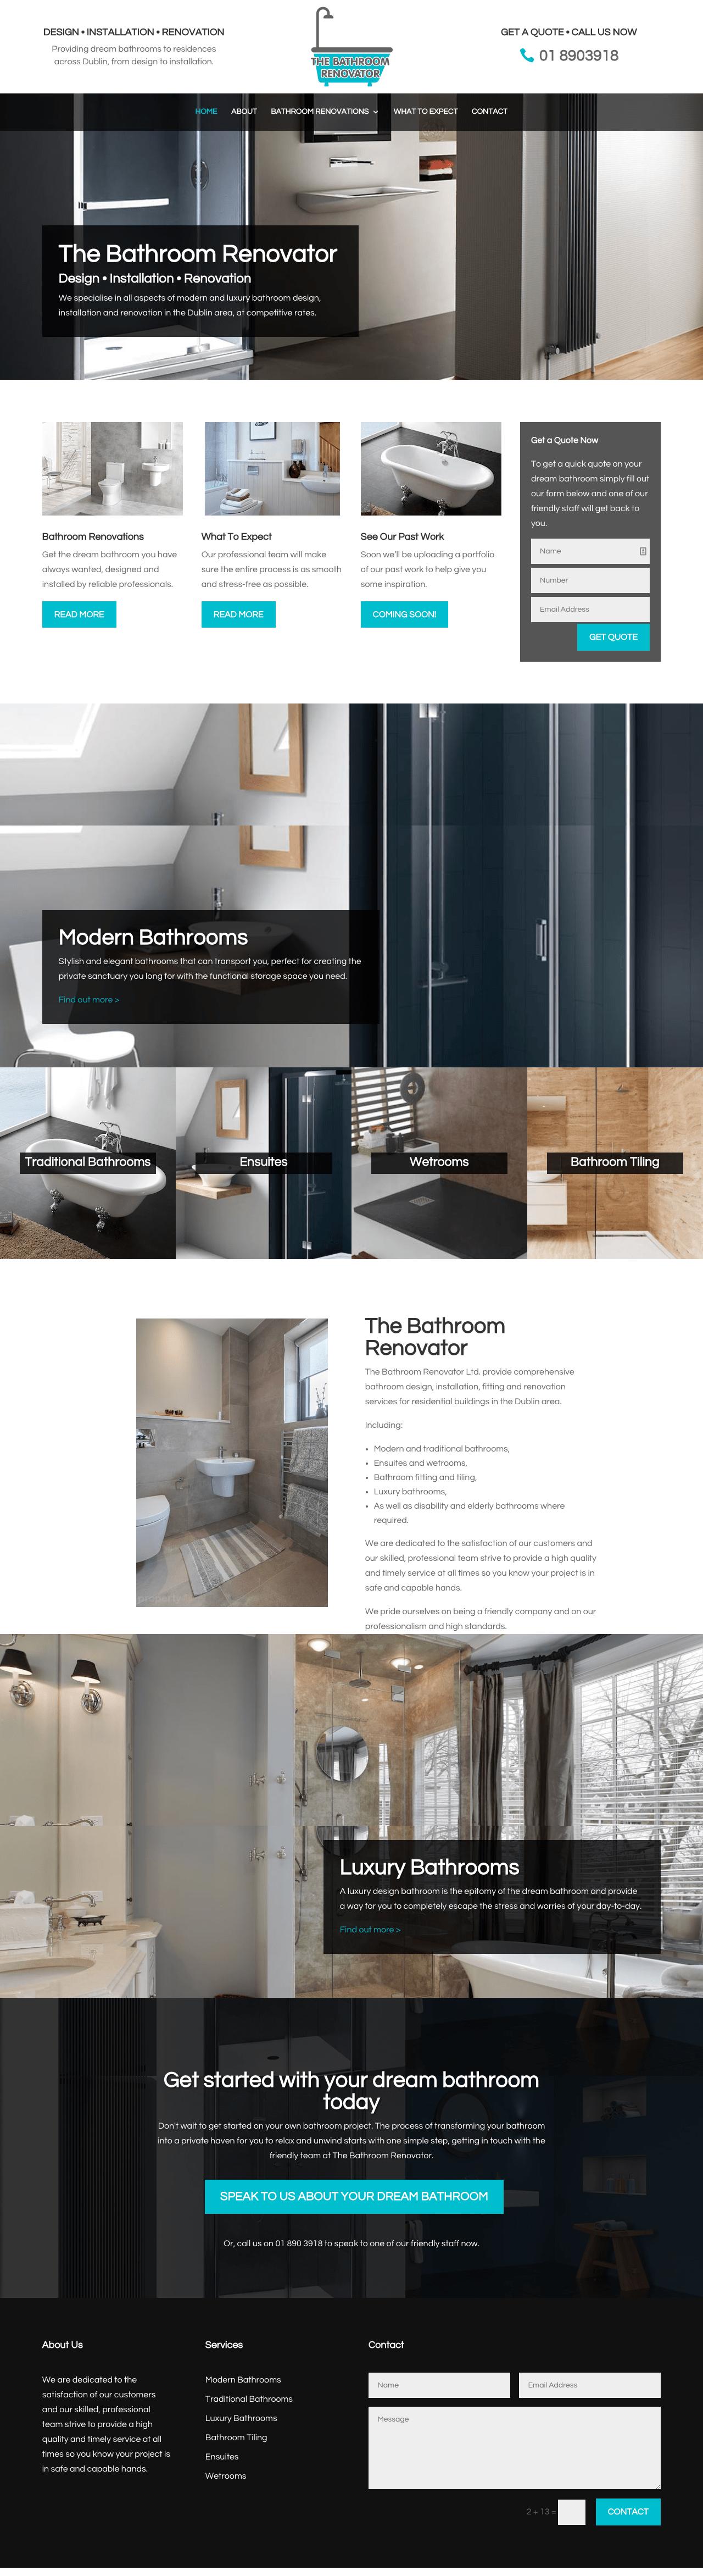 The bathroom renovator full length - Wayworks development Ltd